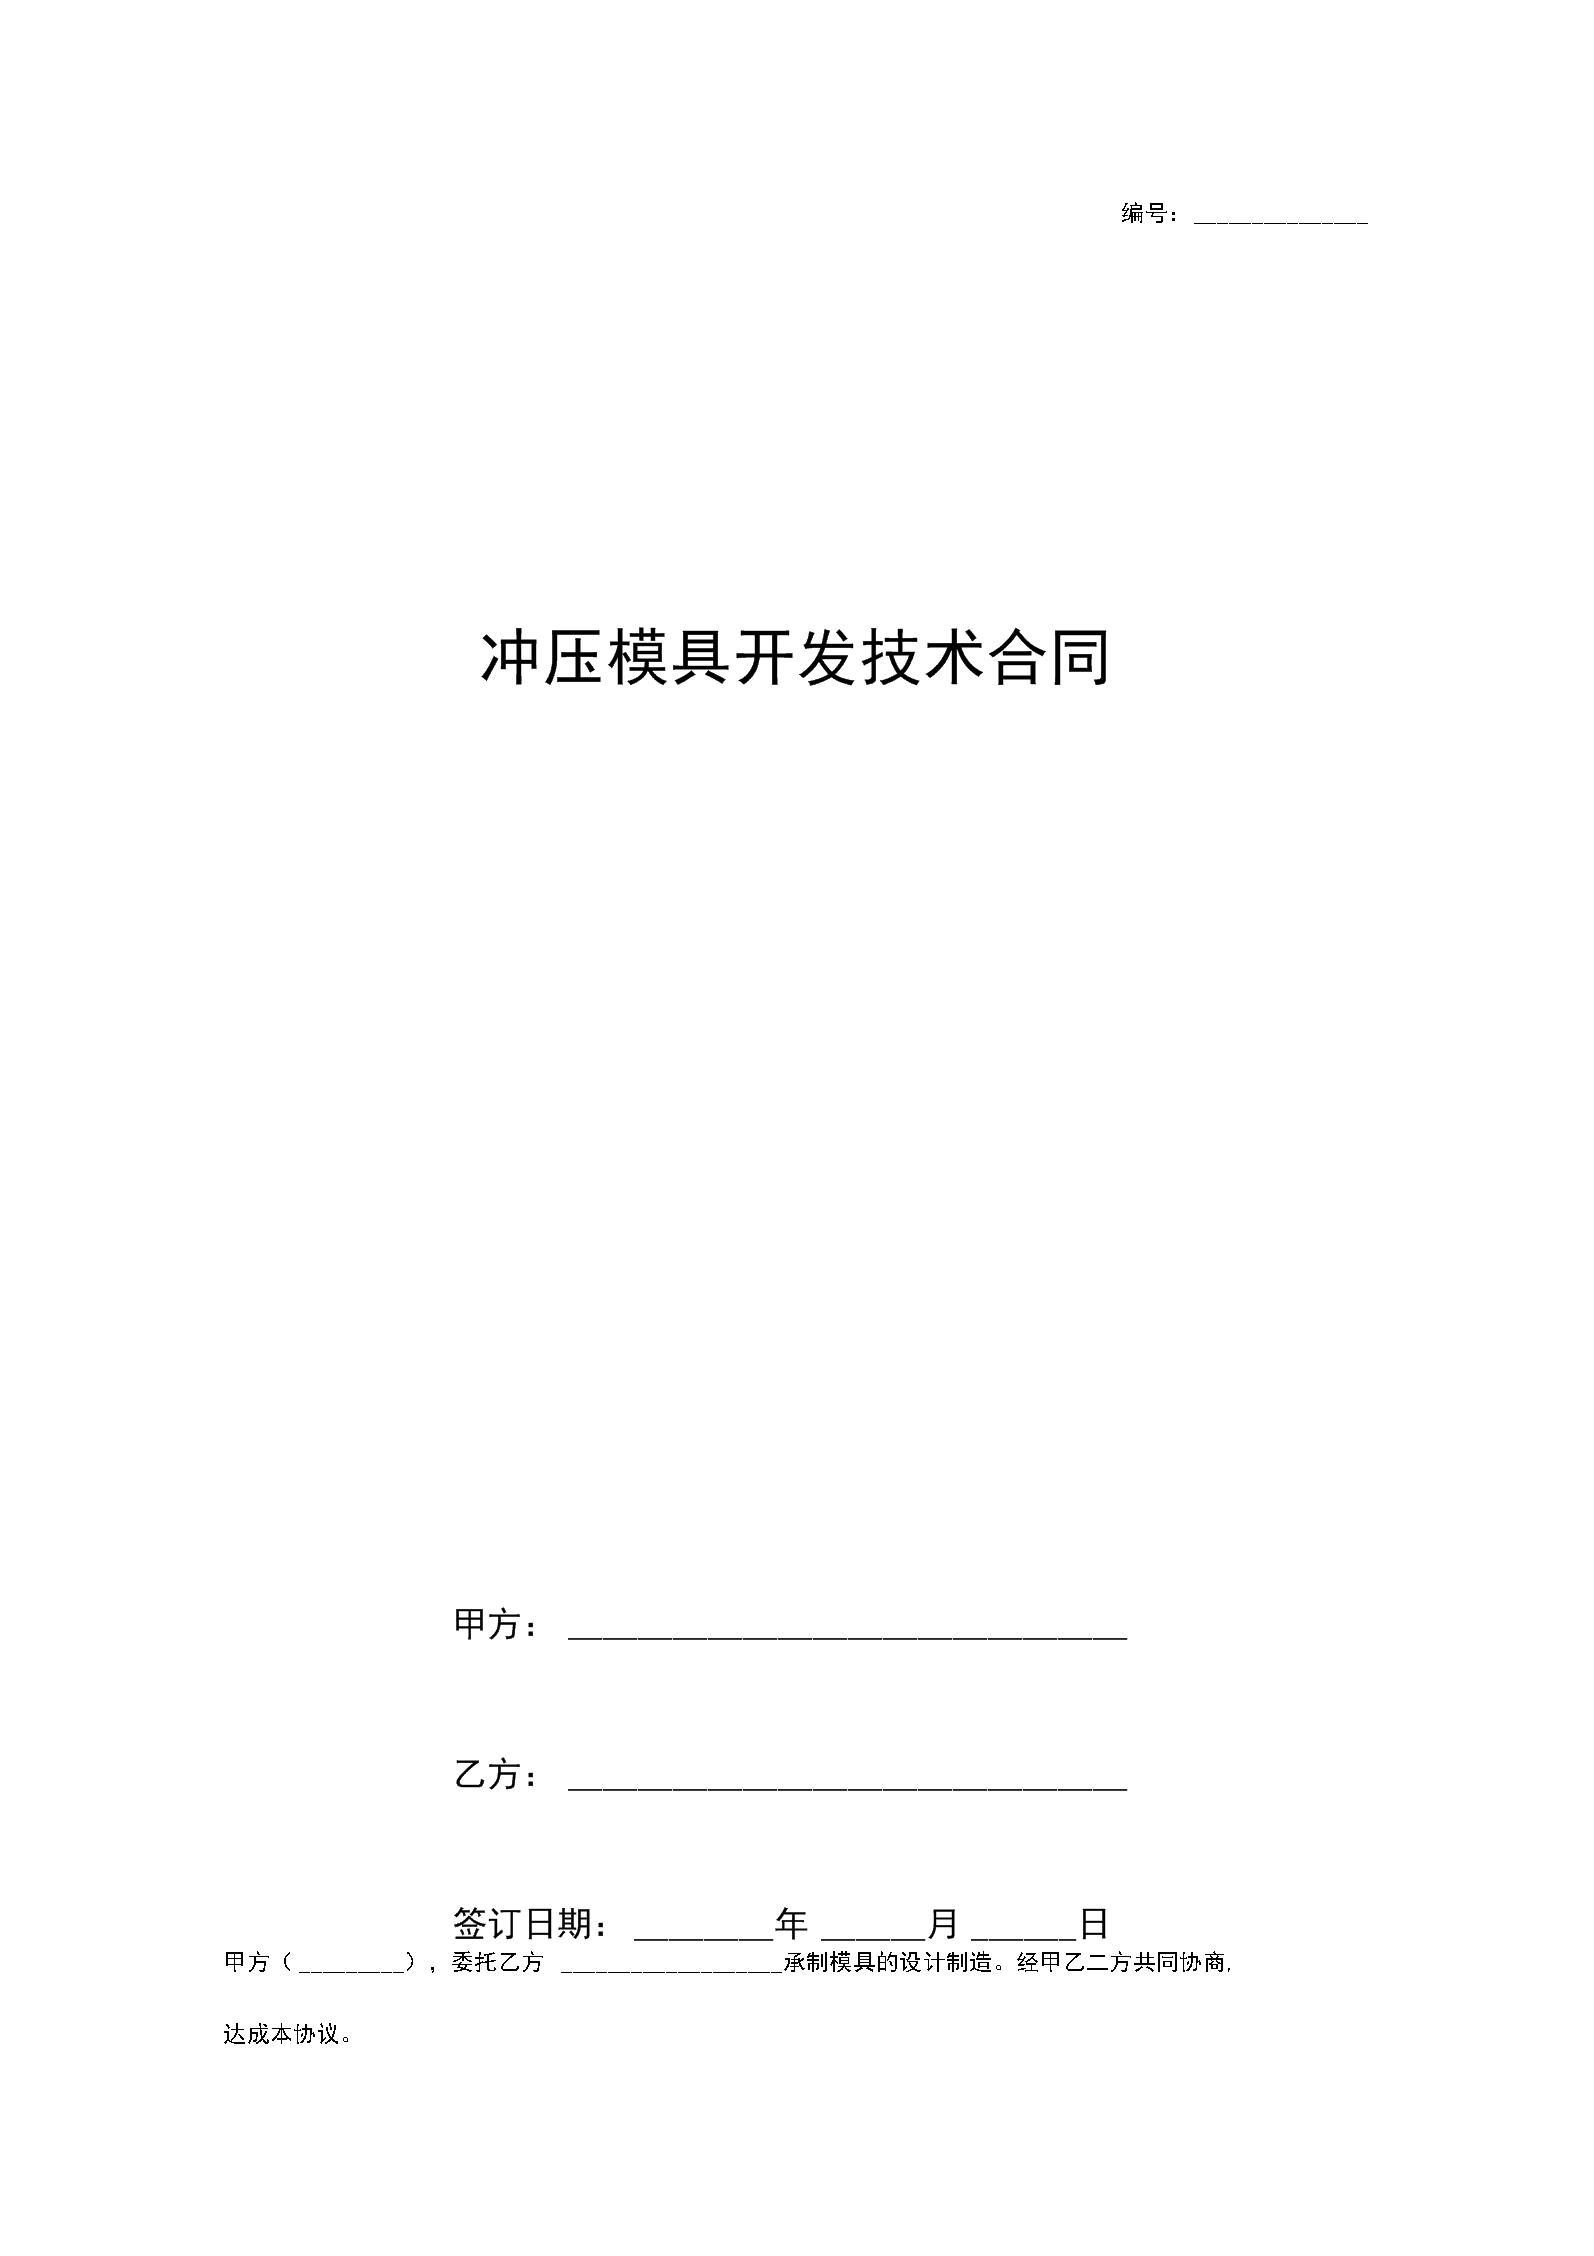 《冲压模具开发技术合同协议书范本》.docx